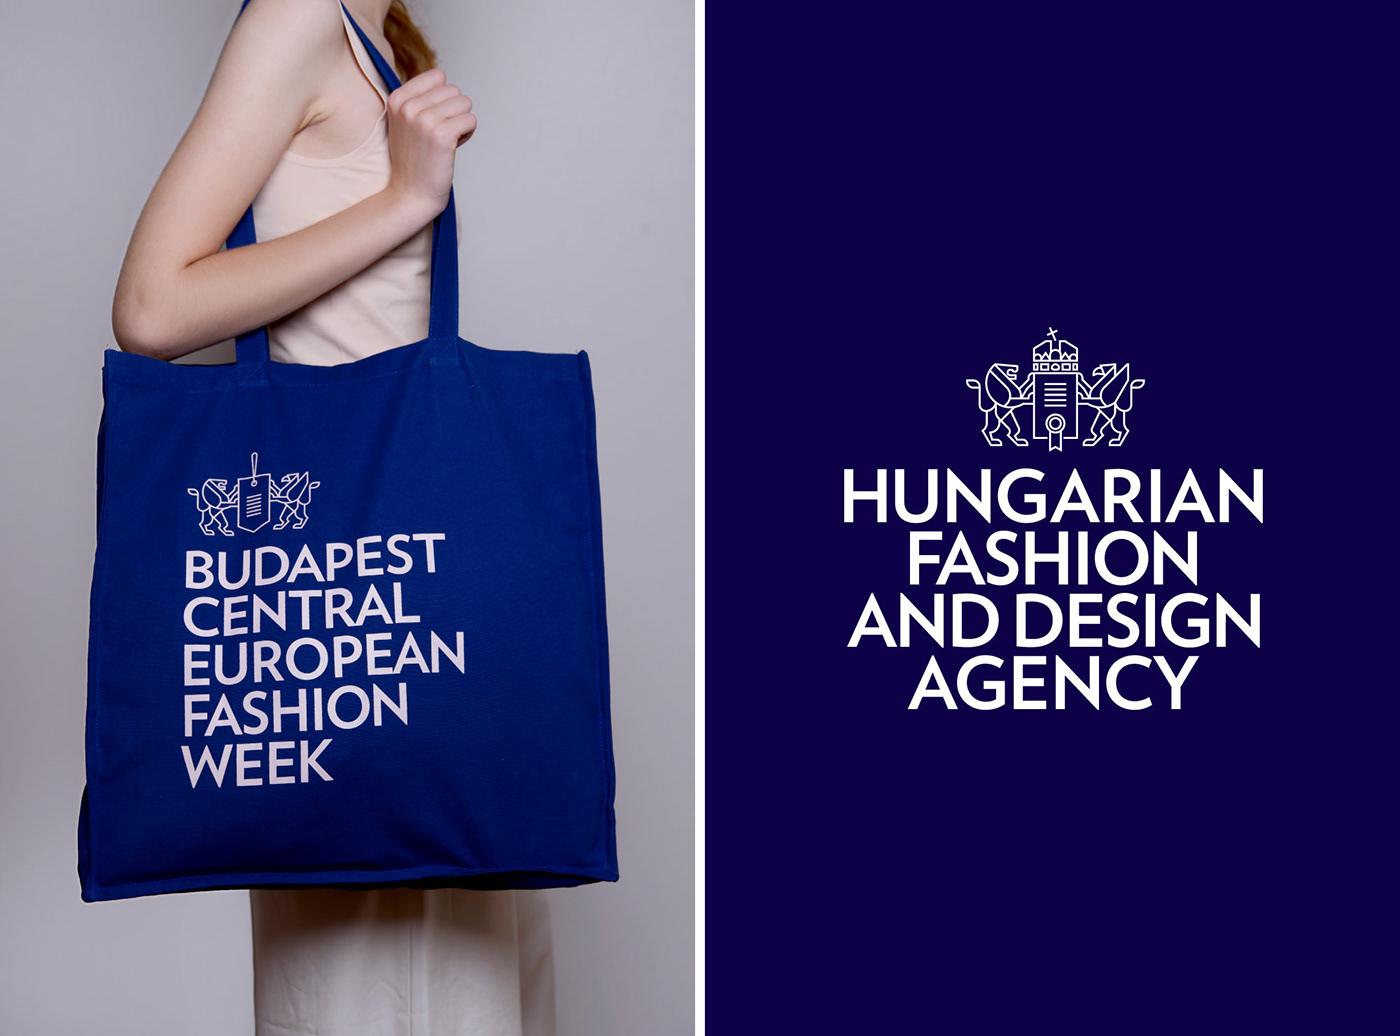 fashion week fashion week identity budapest fashion fashion branding fashion identity Fashion typography fashion typo fashion week logo fashion logo coat of arms